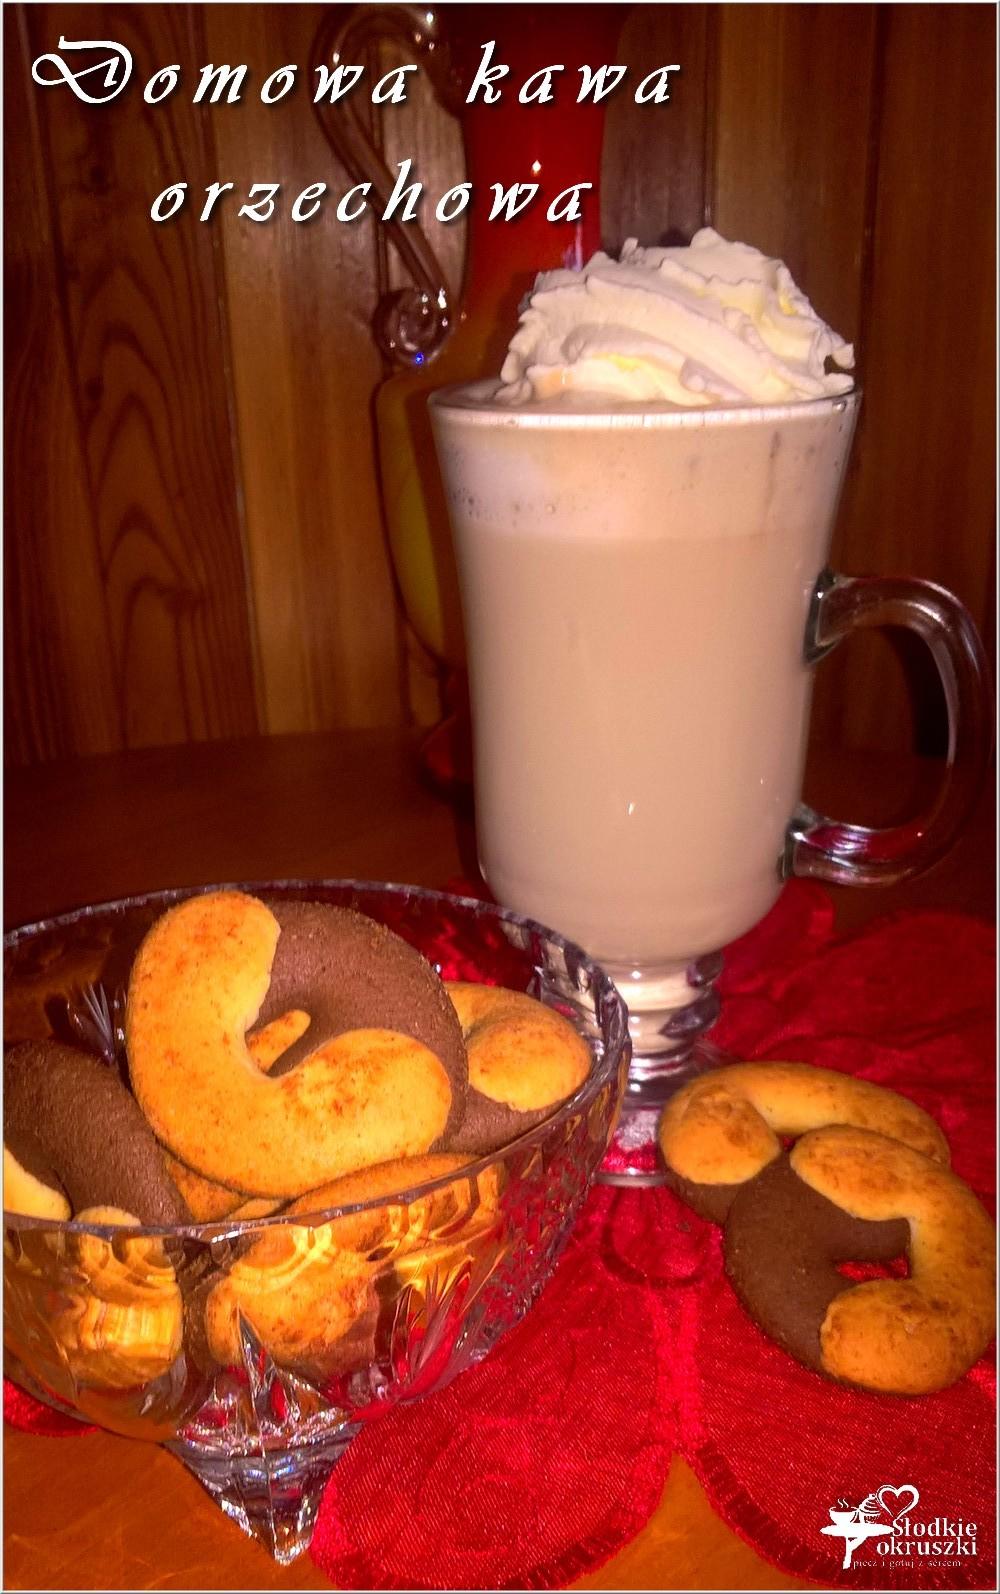 Domowa kawa orzechowa (1)